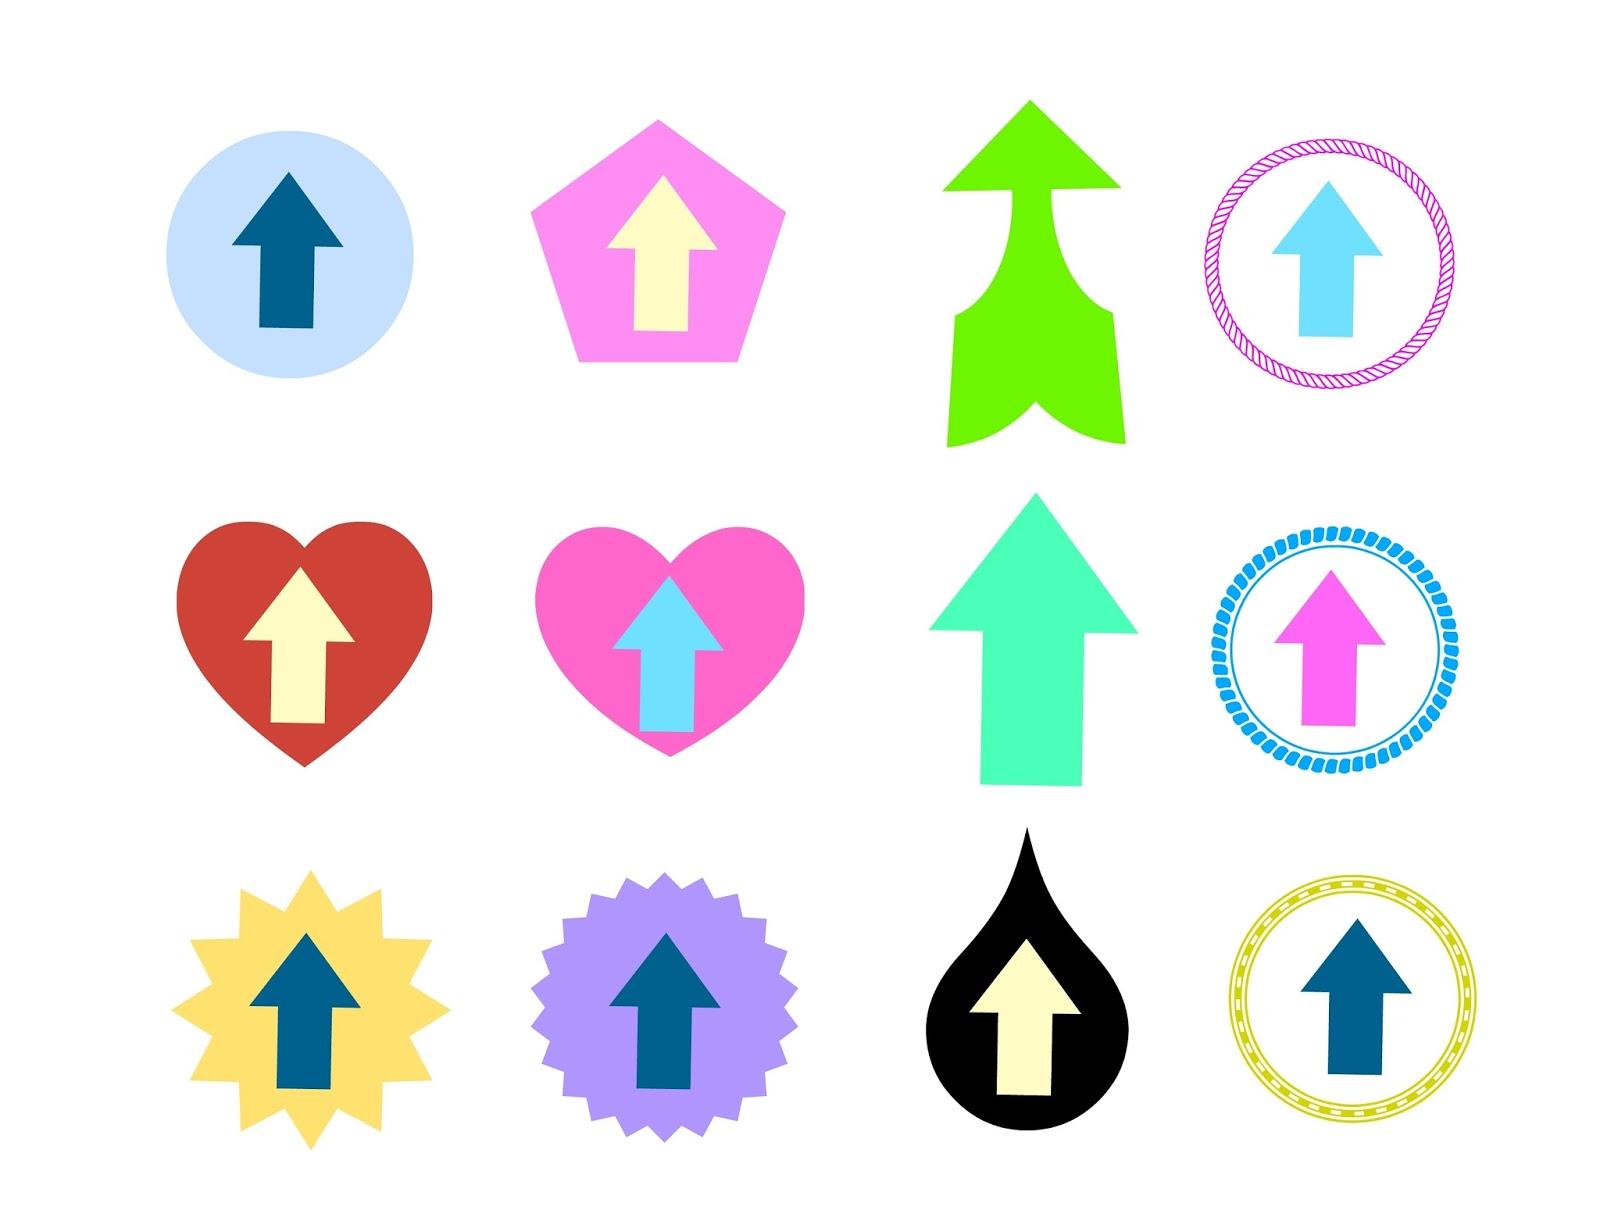 Flecha para subir arriba en un blog